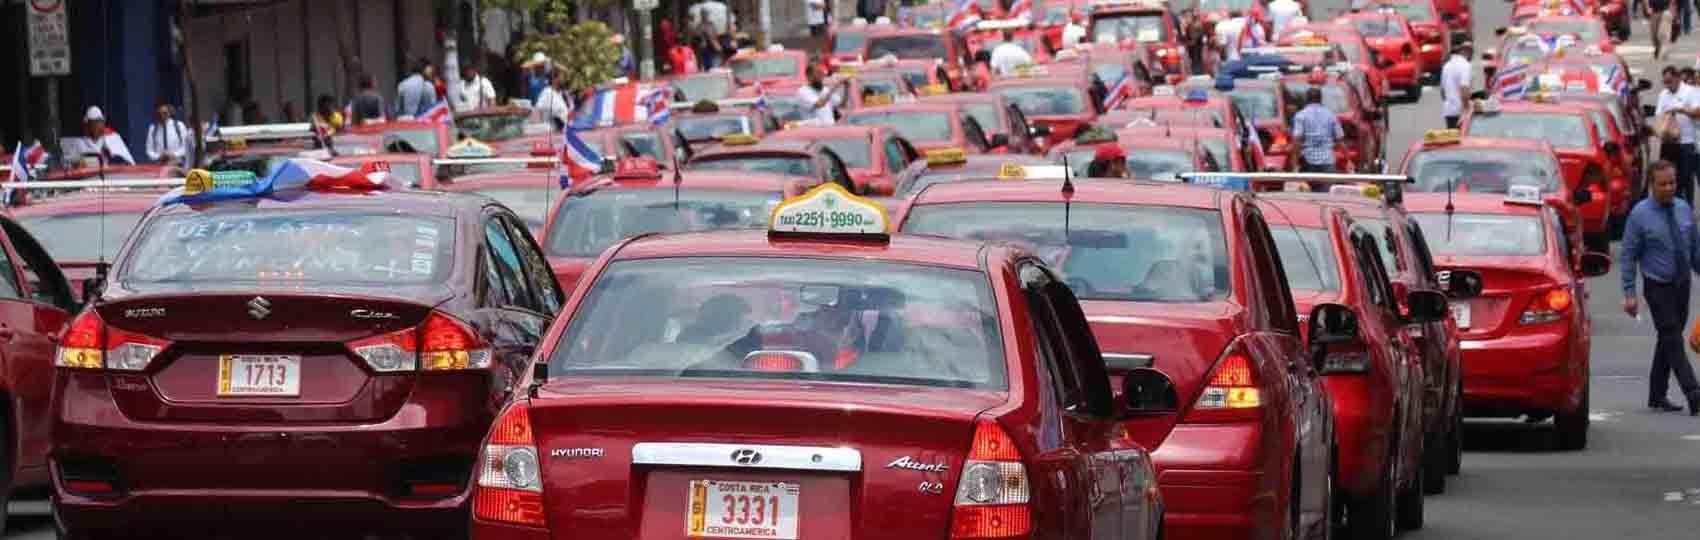 Noticias del sector del taxi y la movilidad en Costa Rica. Mantente informado de todas las noticias del taxi de Costa Rica en el grupo de Facebook de Todo Taxi.